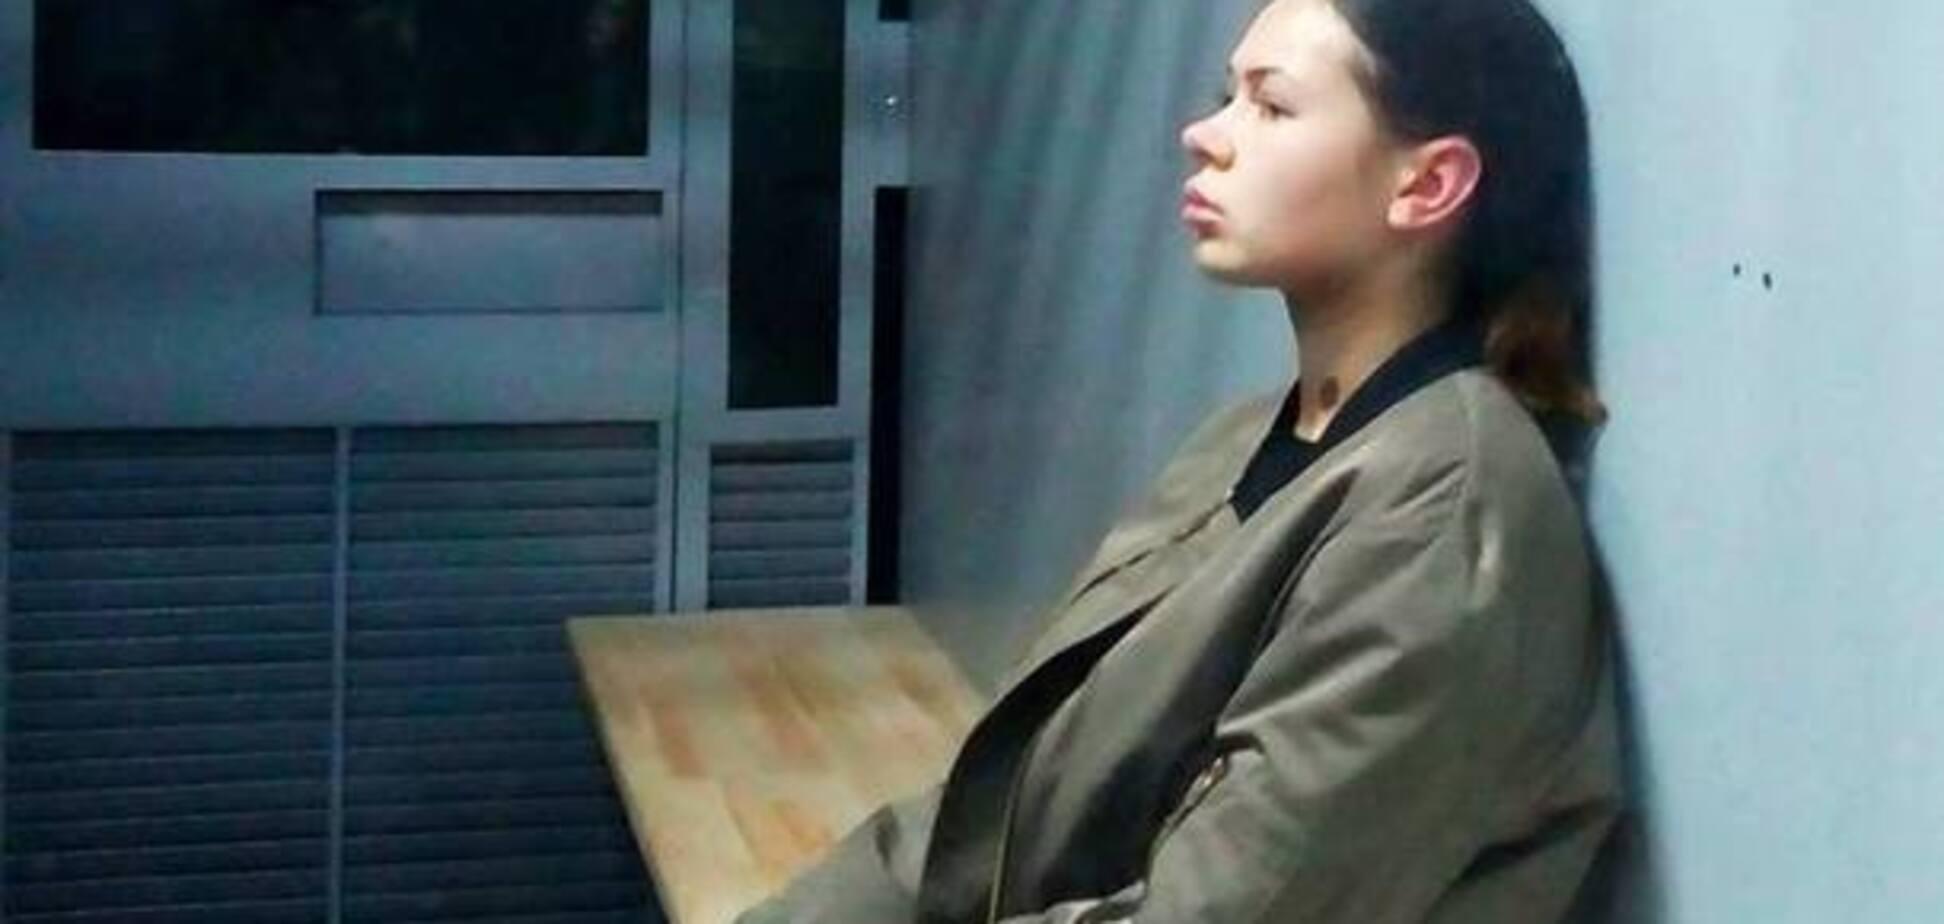 'Пять лет, а то и меньше': юрист анонсировал мягкий приговор для Зайцевой